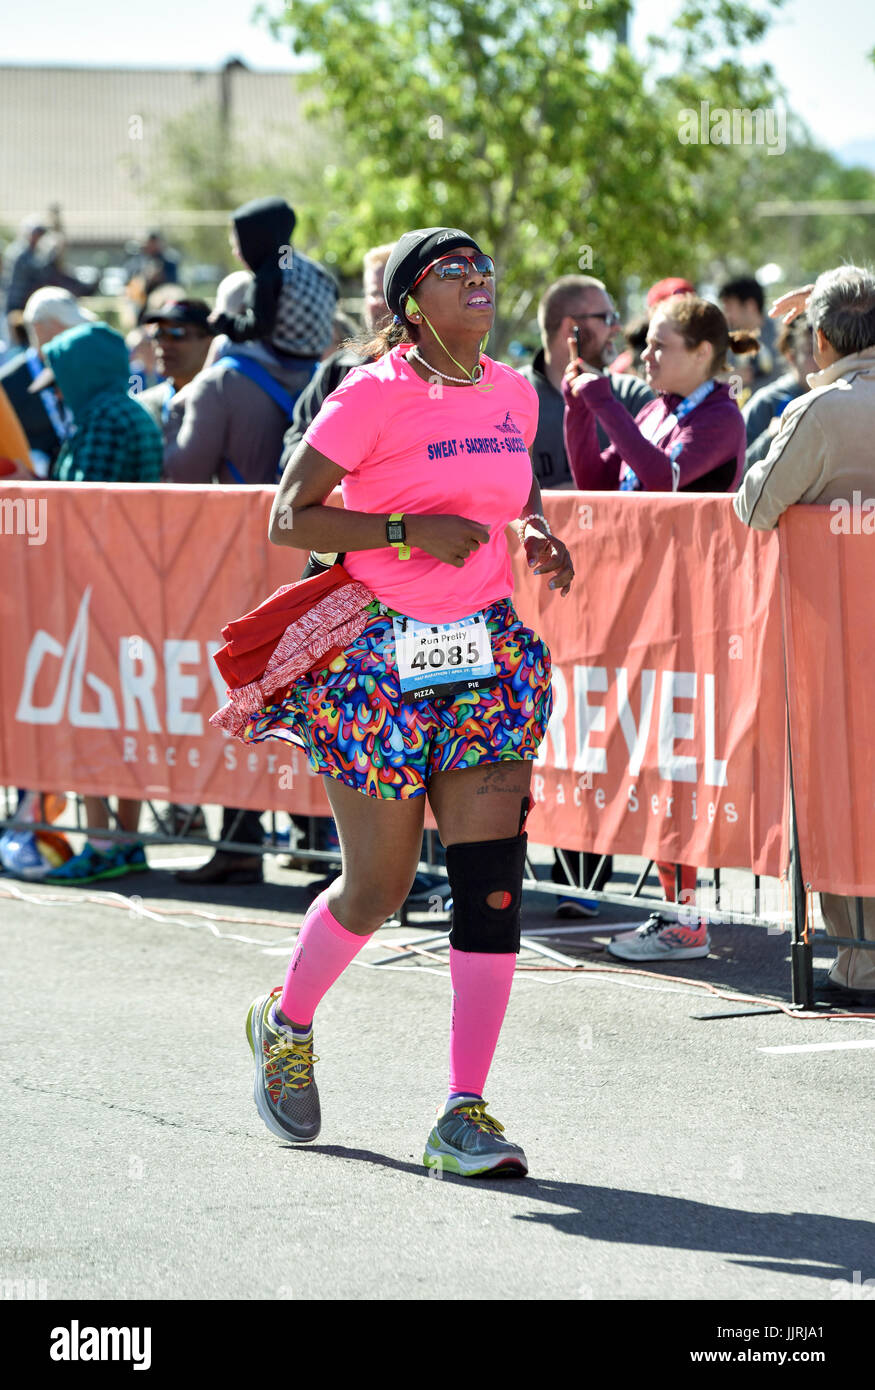 Black Runners Imágenes De Stock & Black Runners Fotos De Stock - Alamy